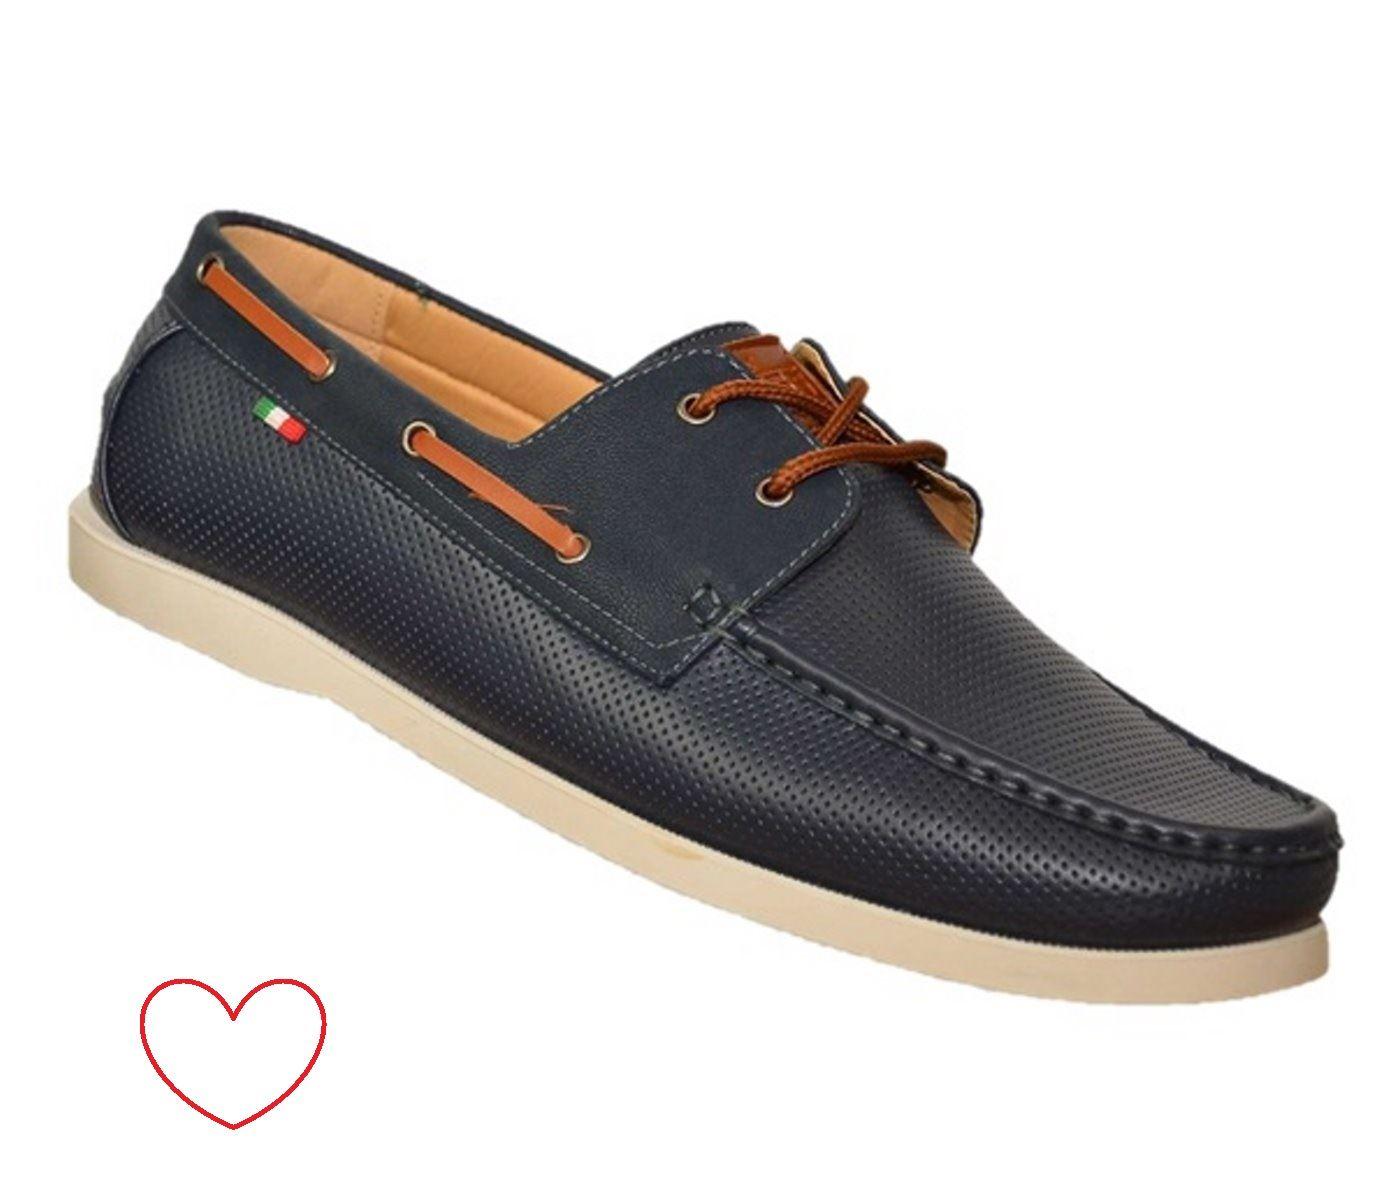 Zapatos-mocasines-nauticos-de-hombre-piel-sintetica-grandes-eleg-informales